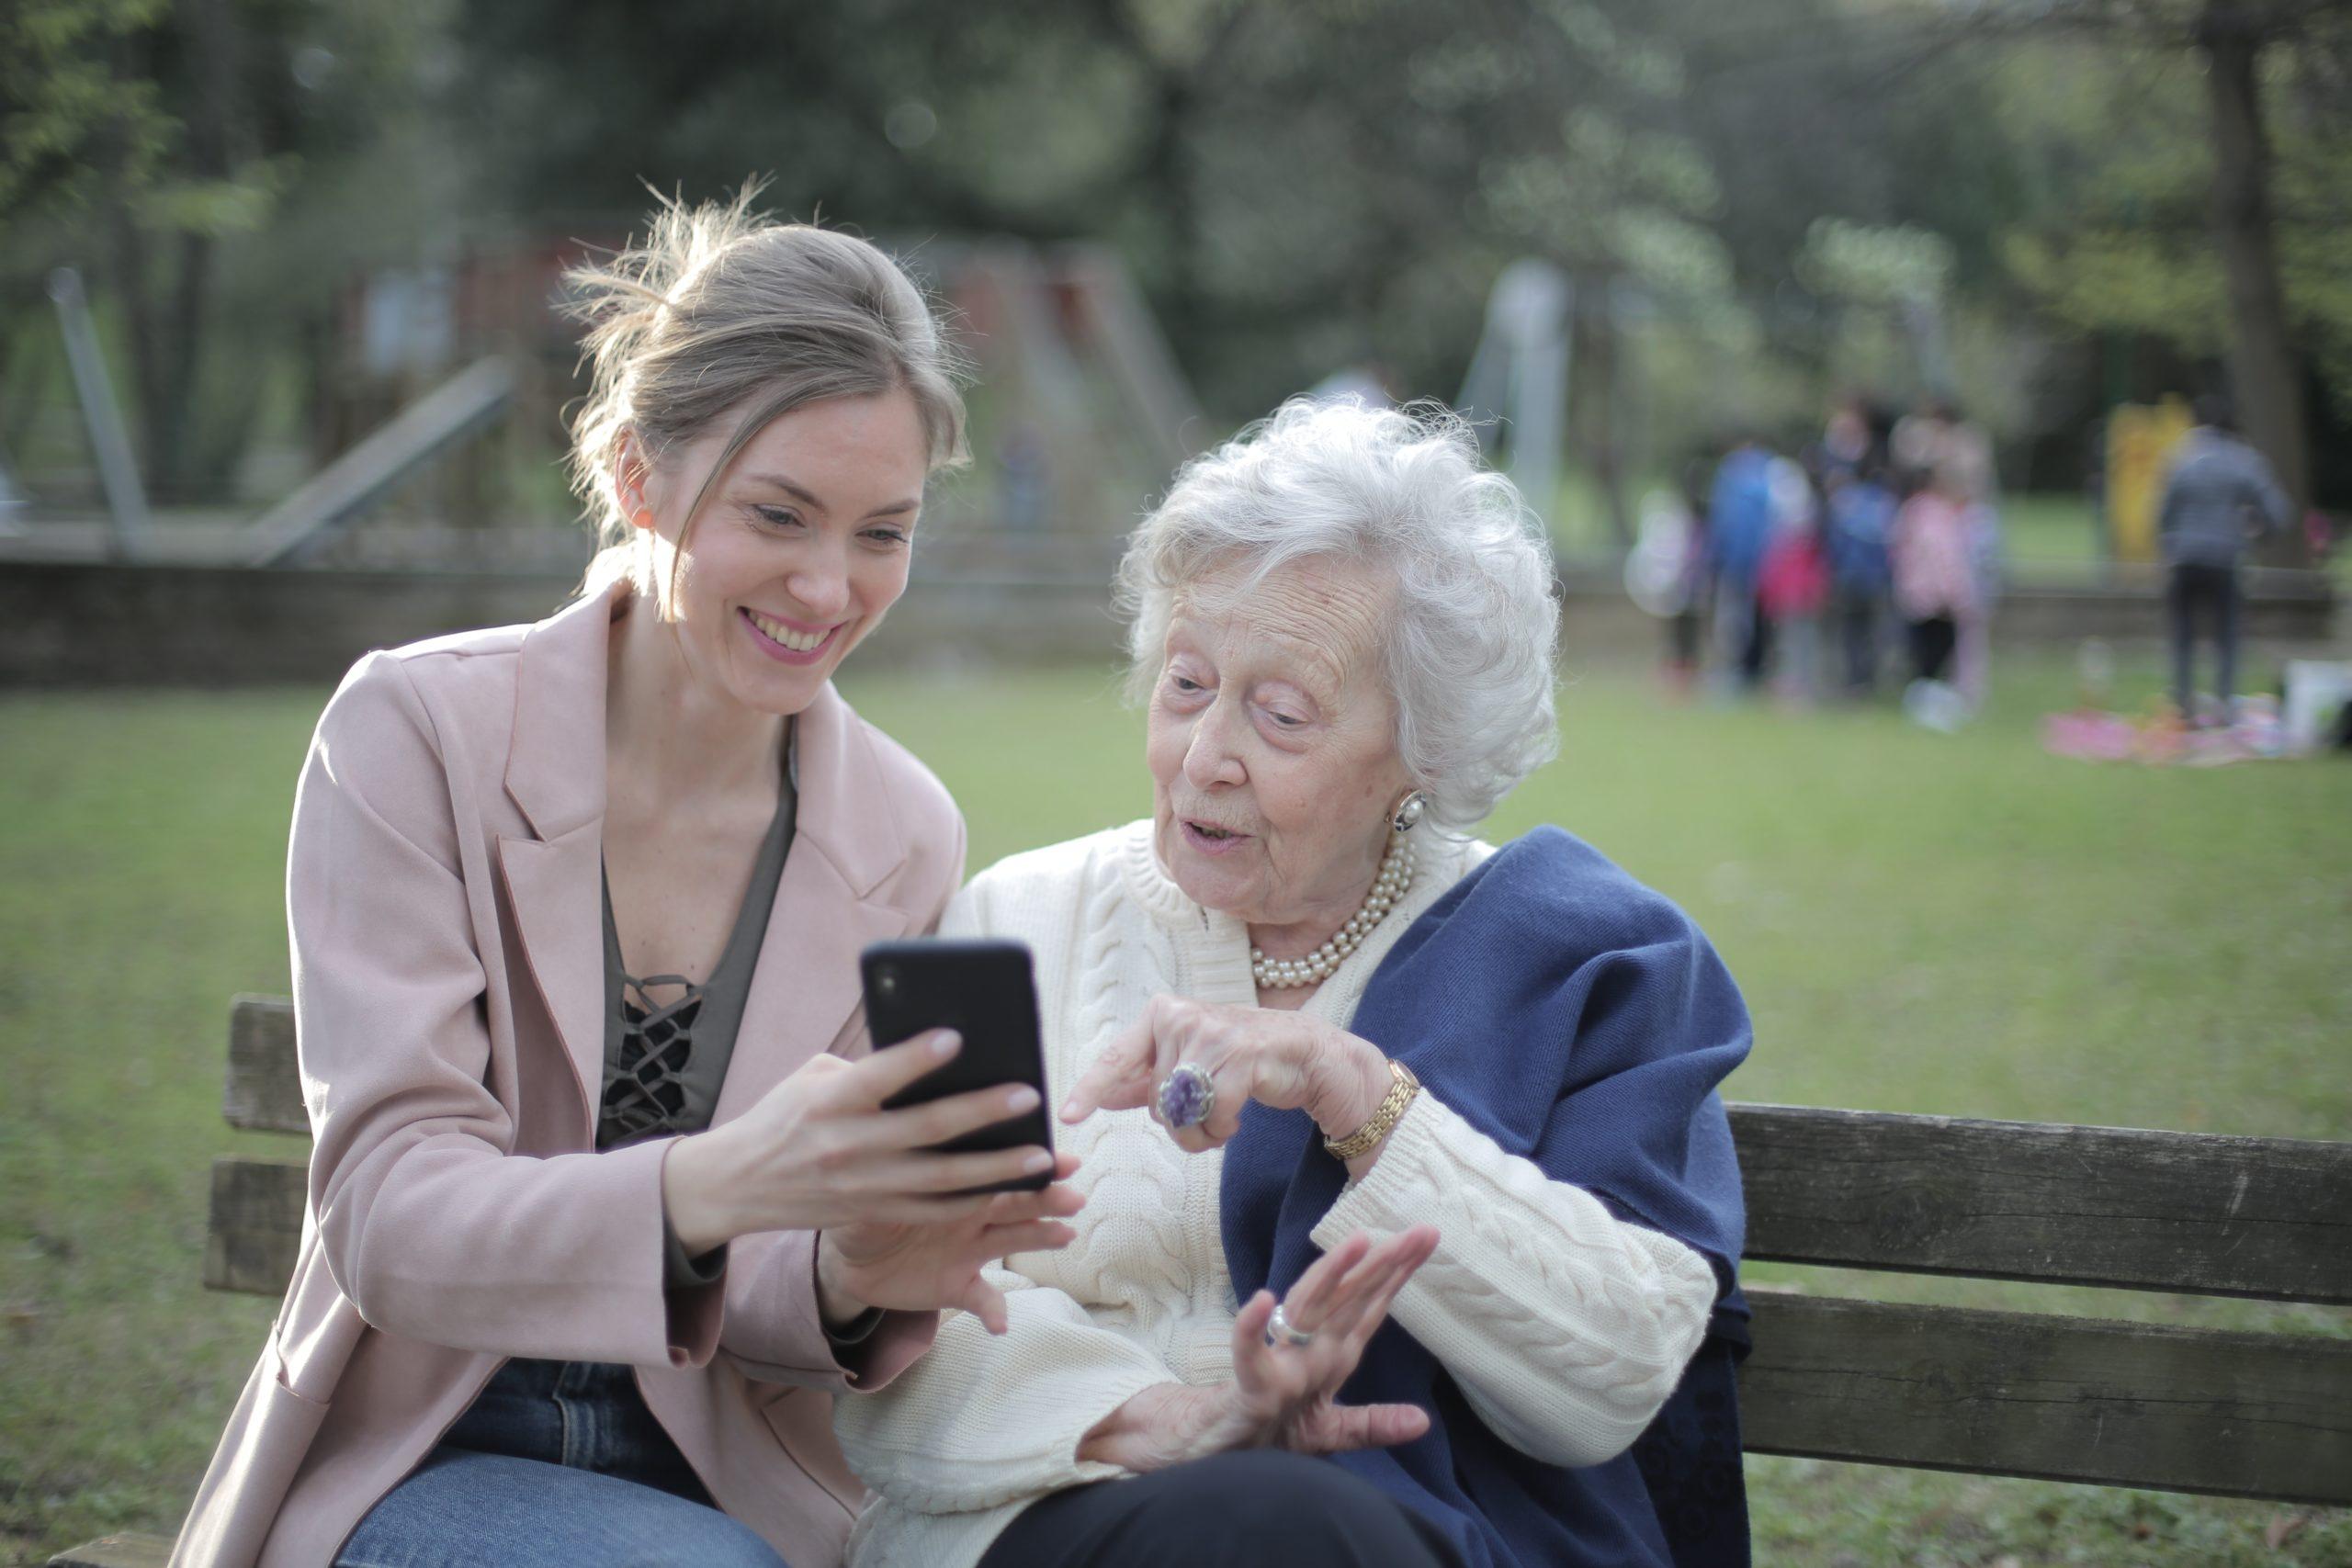 Photo d'une personne atteinte de la maladie d'alzheimer en présence d'un proche aidant dans un parc